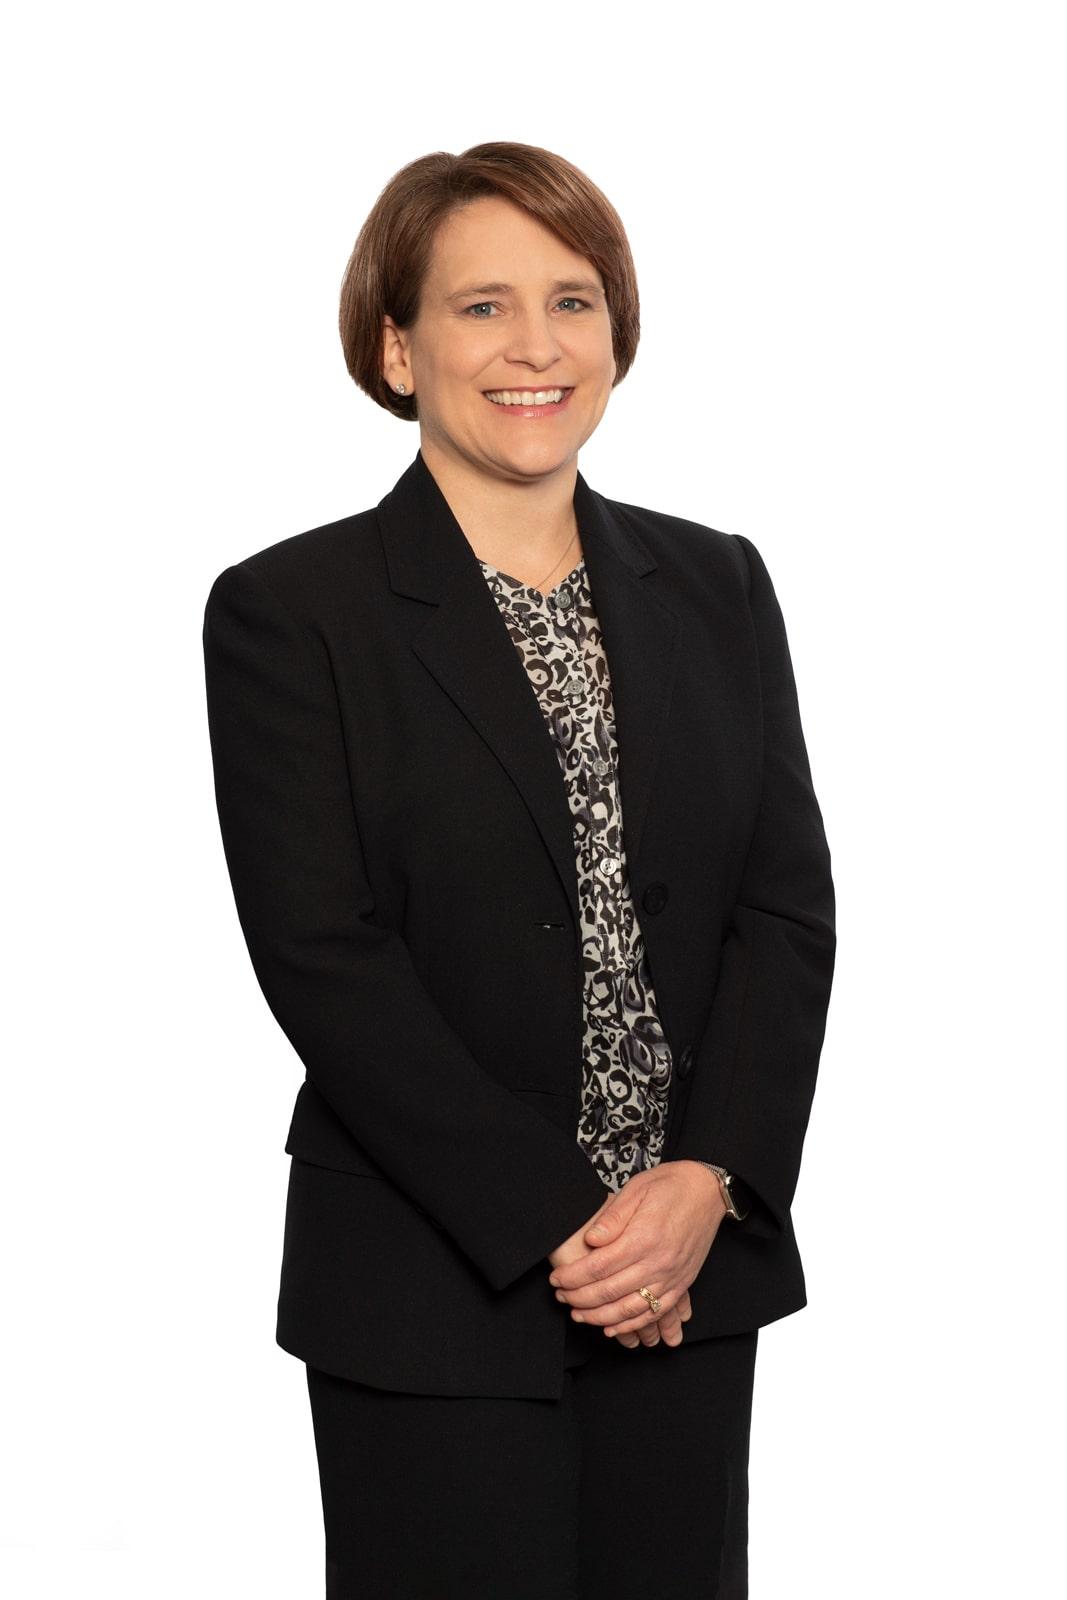 Meredith Barnette